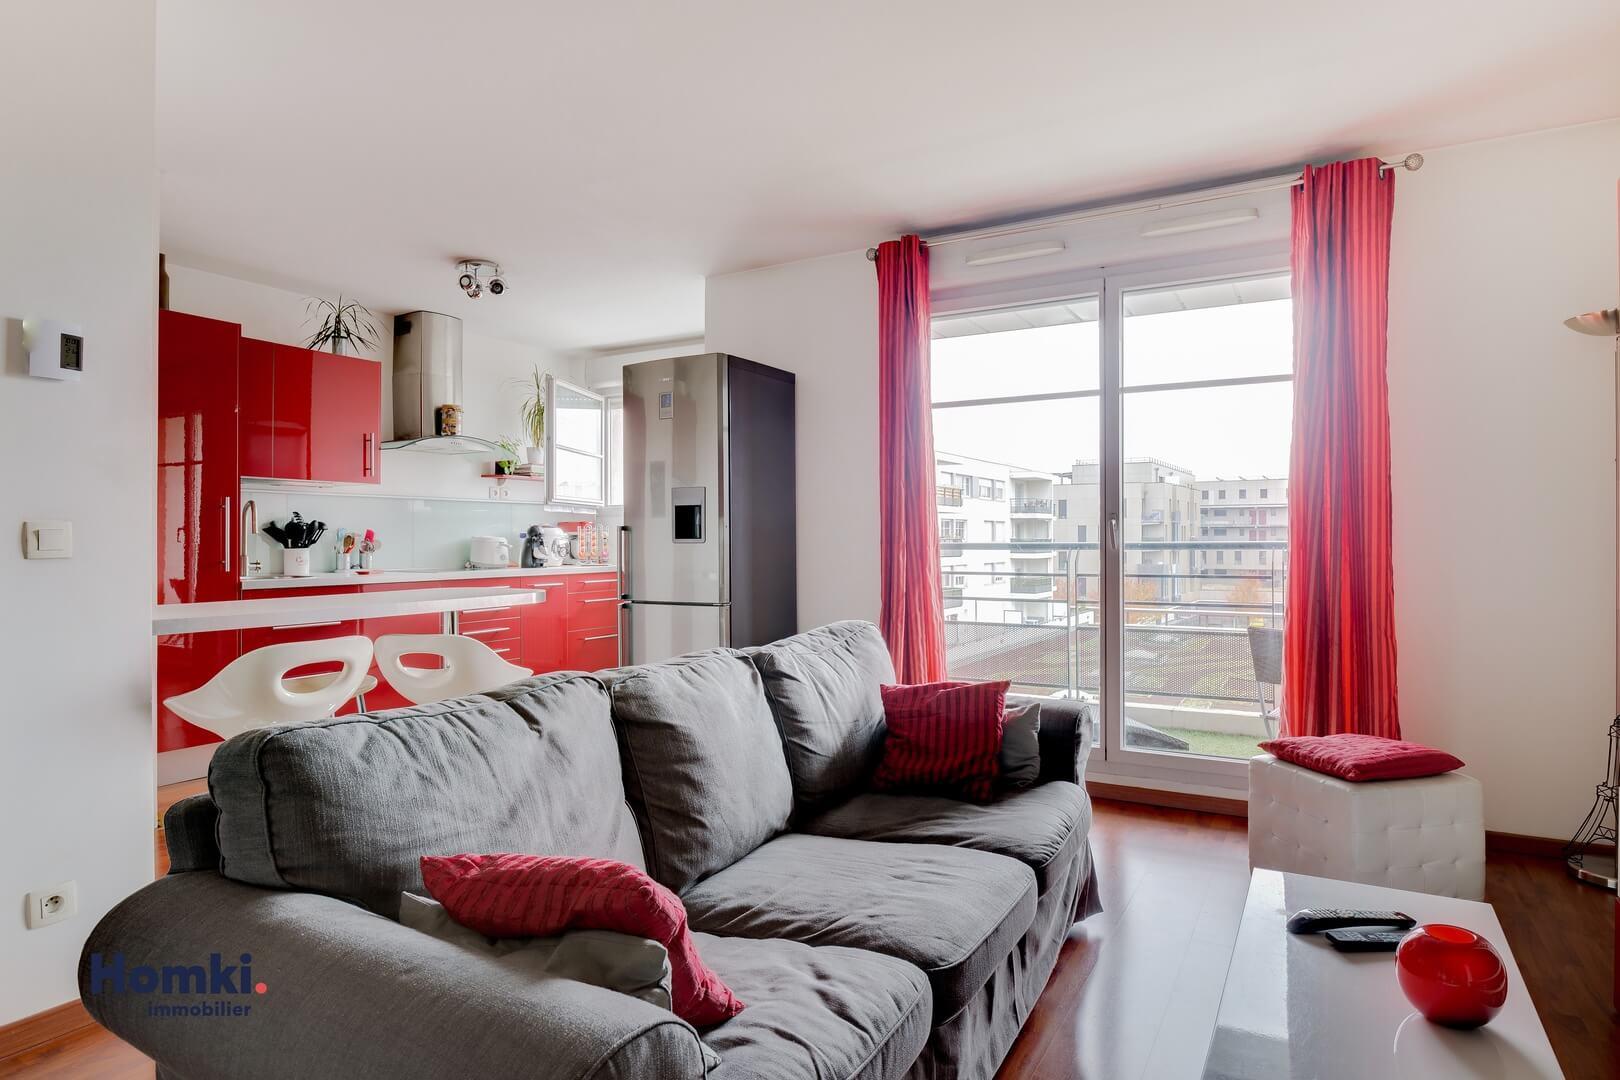 Homki - Vente Appartement  de 55.0 m² à Saint-Priest 69800